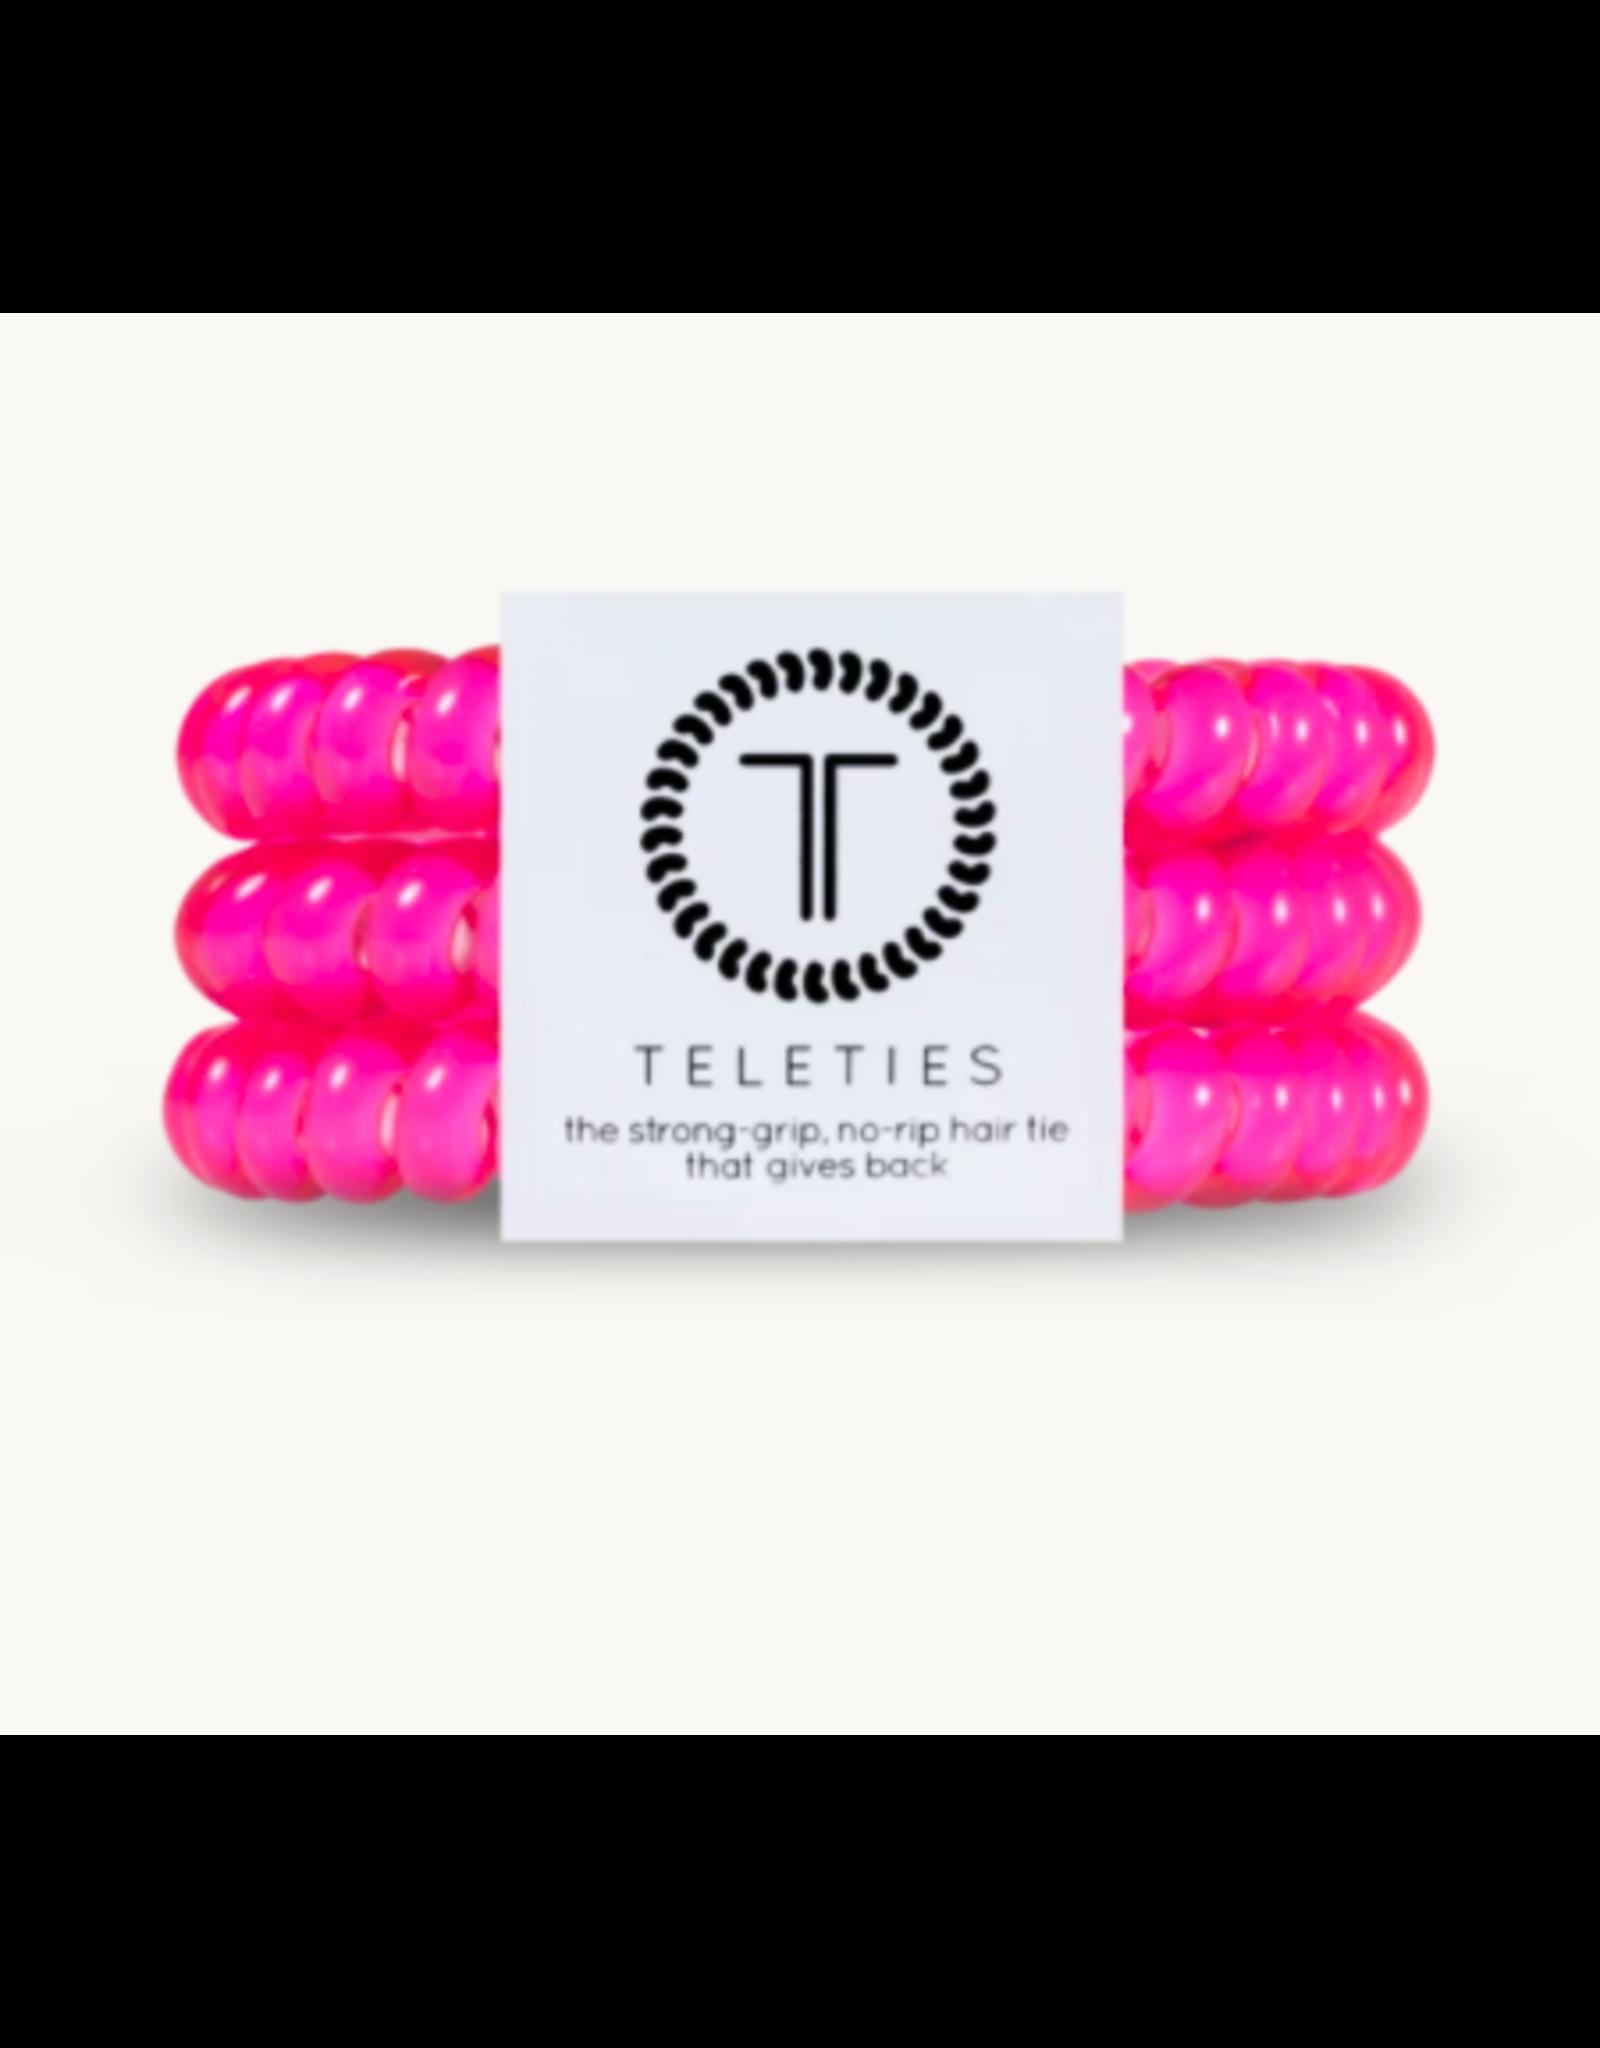 Teleties Small 3-Pack Hot Pink Teleties